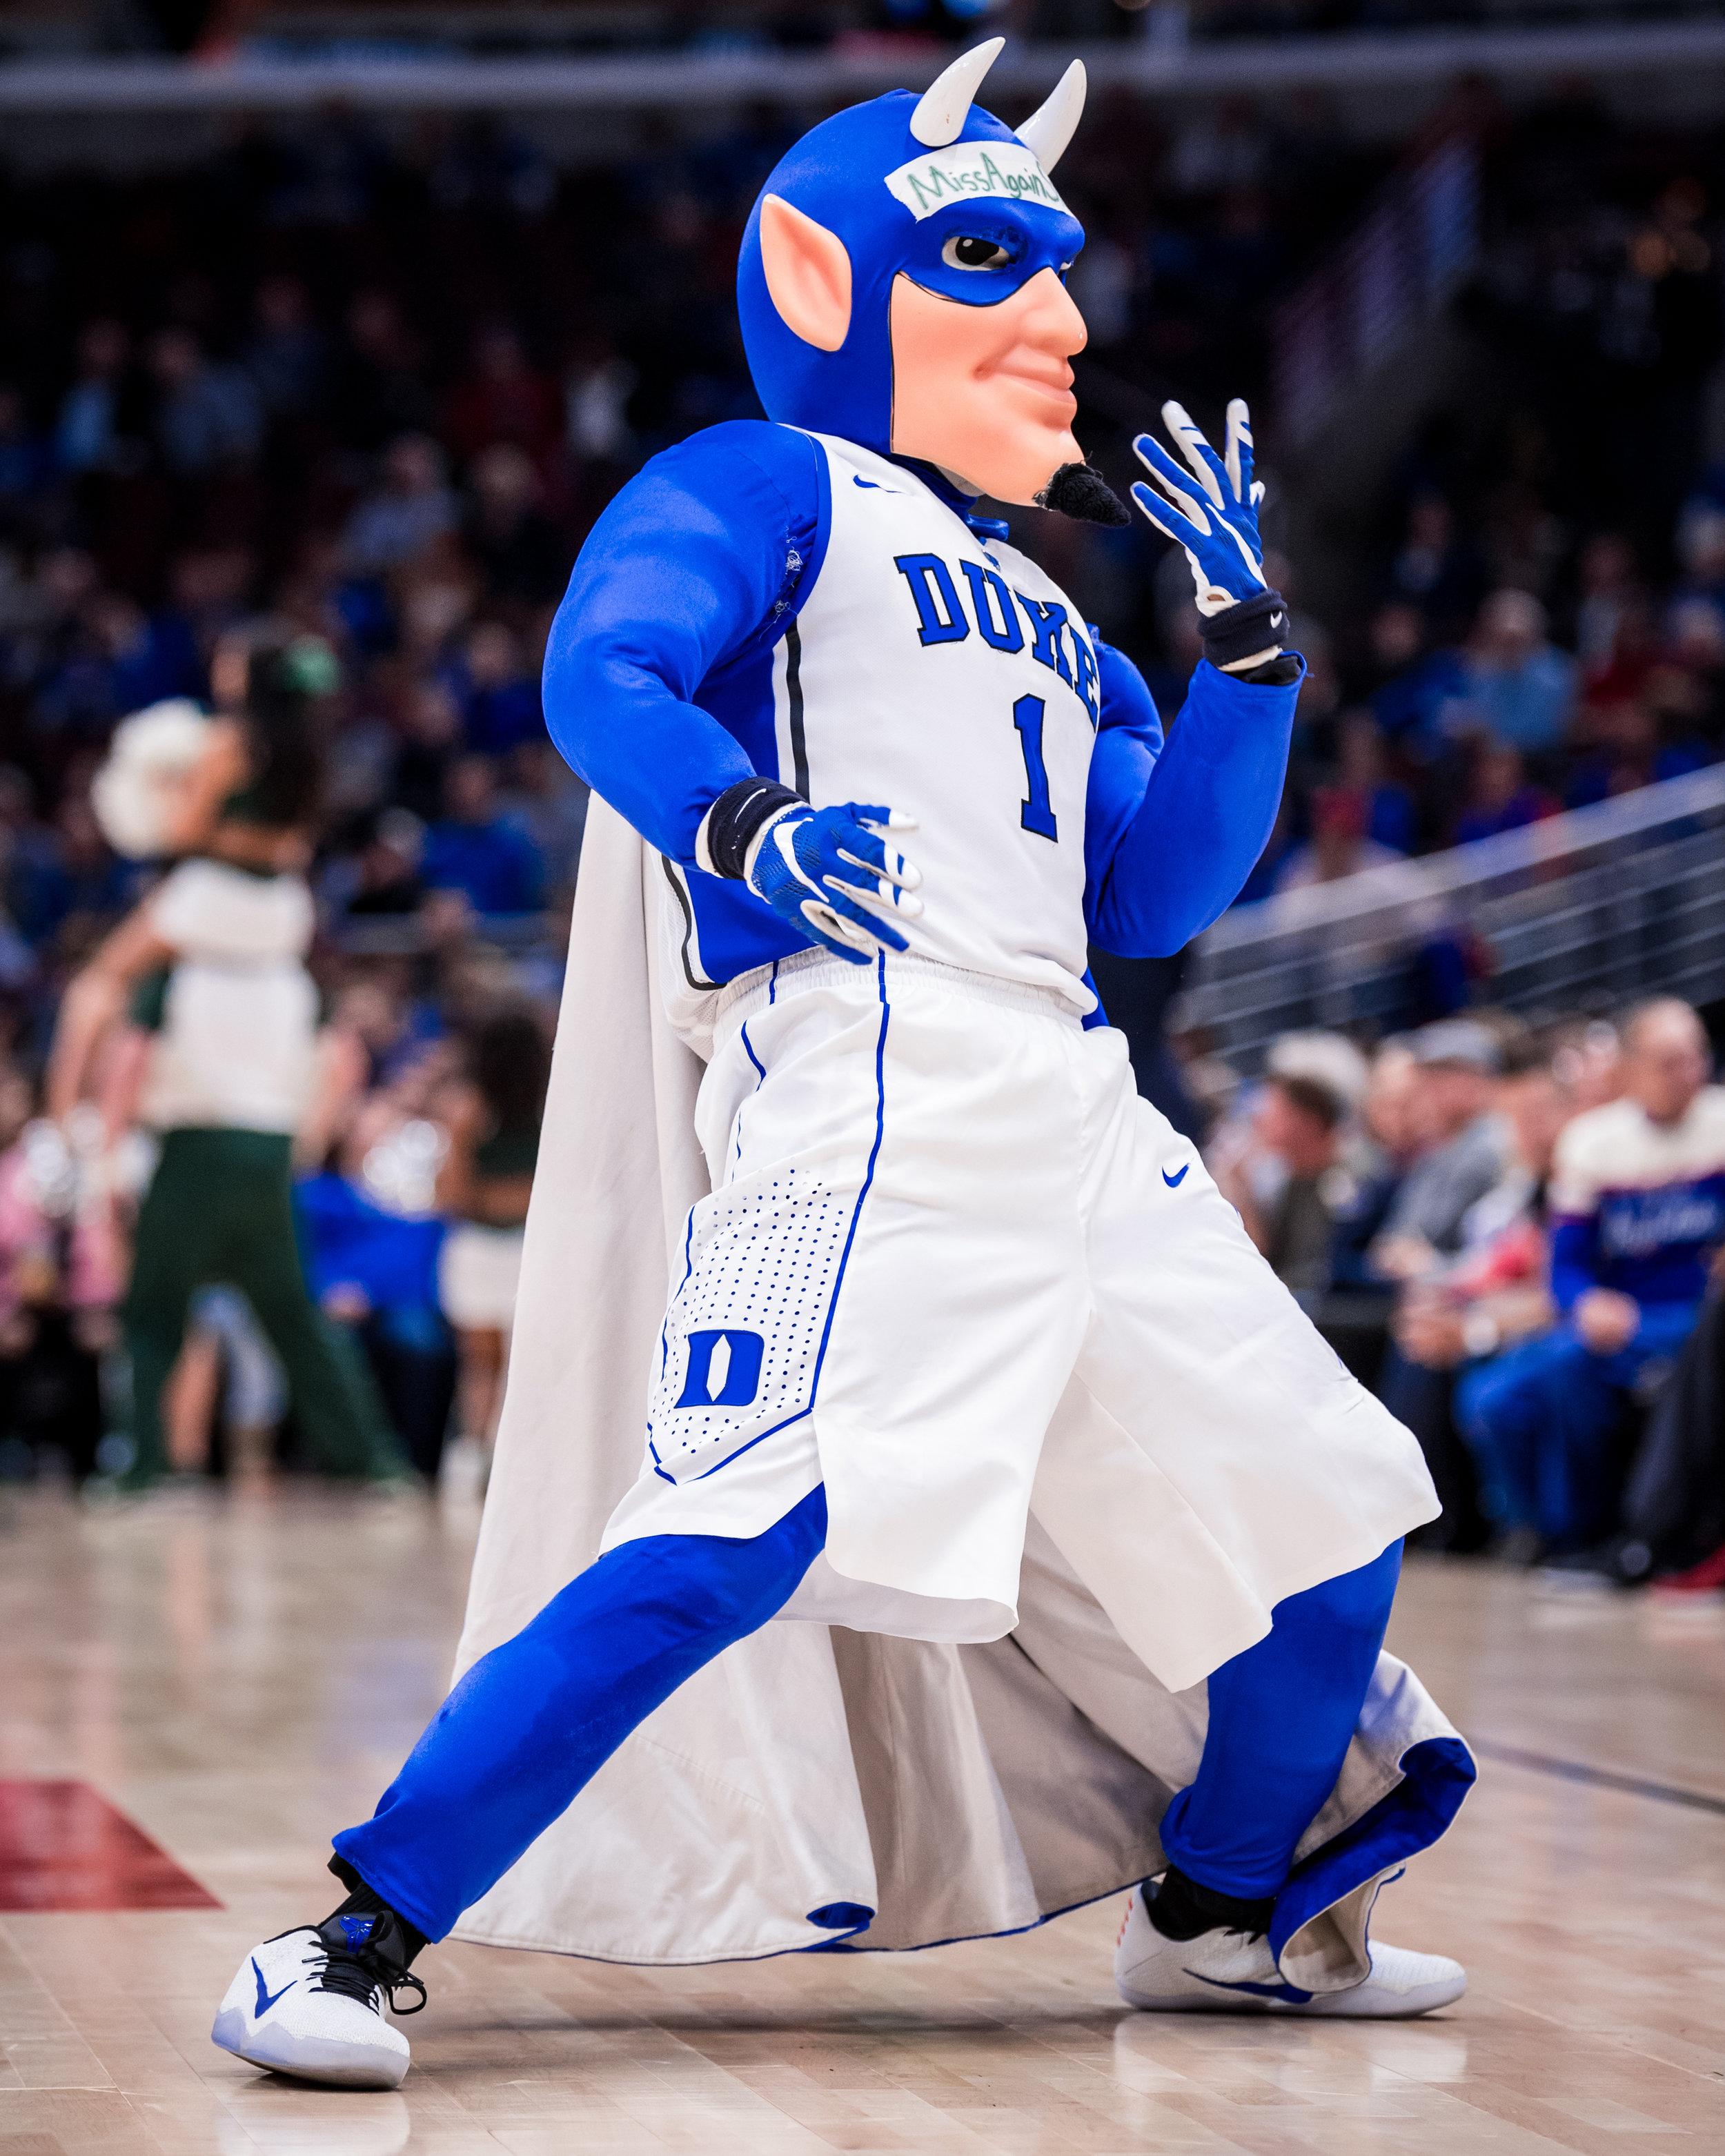 photo courtesy of duke athletics